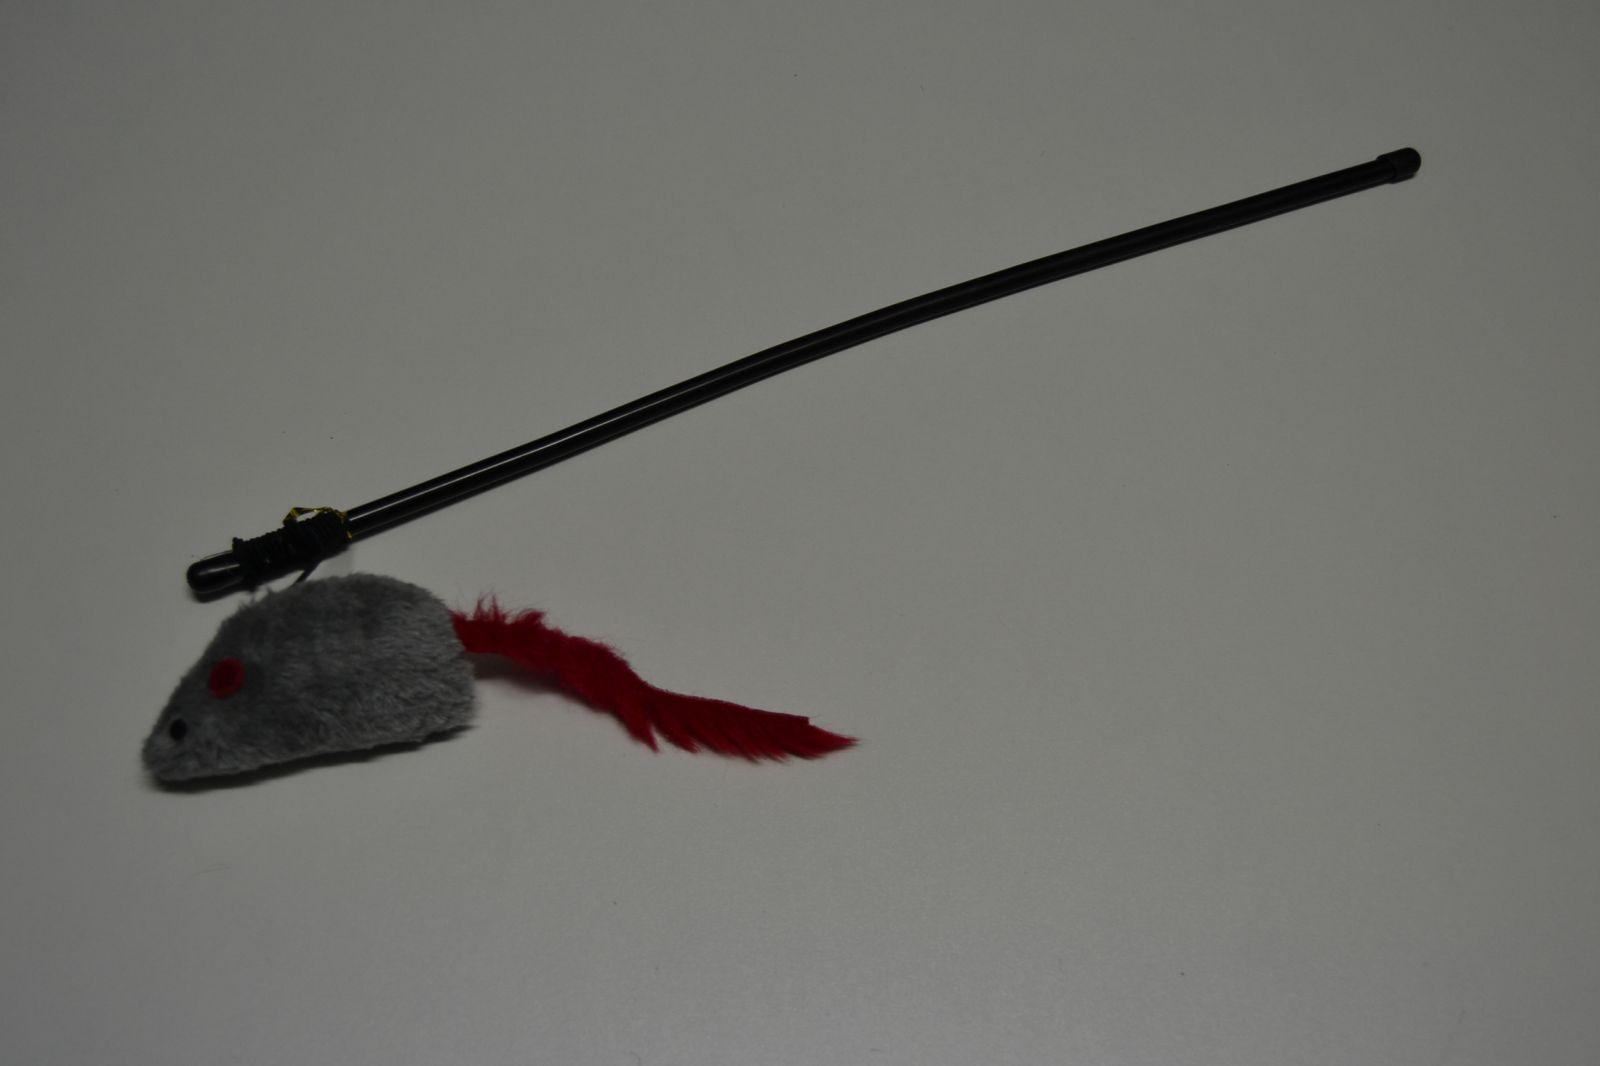 Hračka pro kočky - pískající myš na tyčce